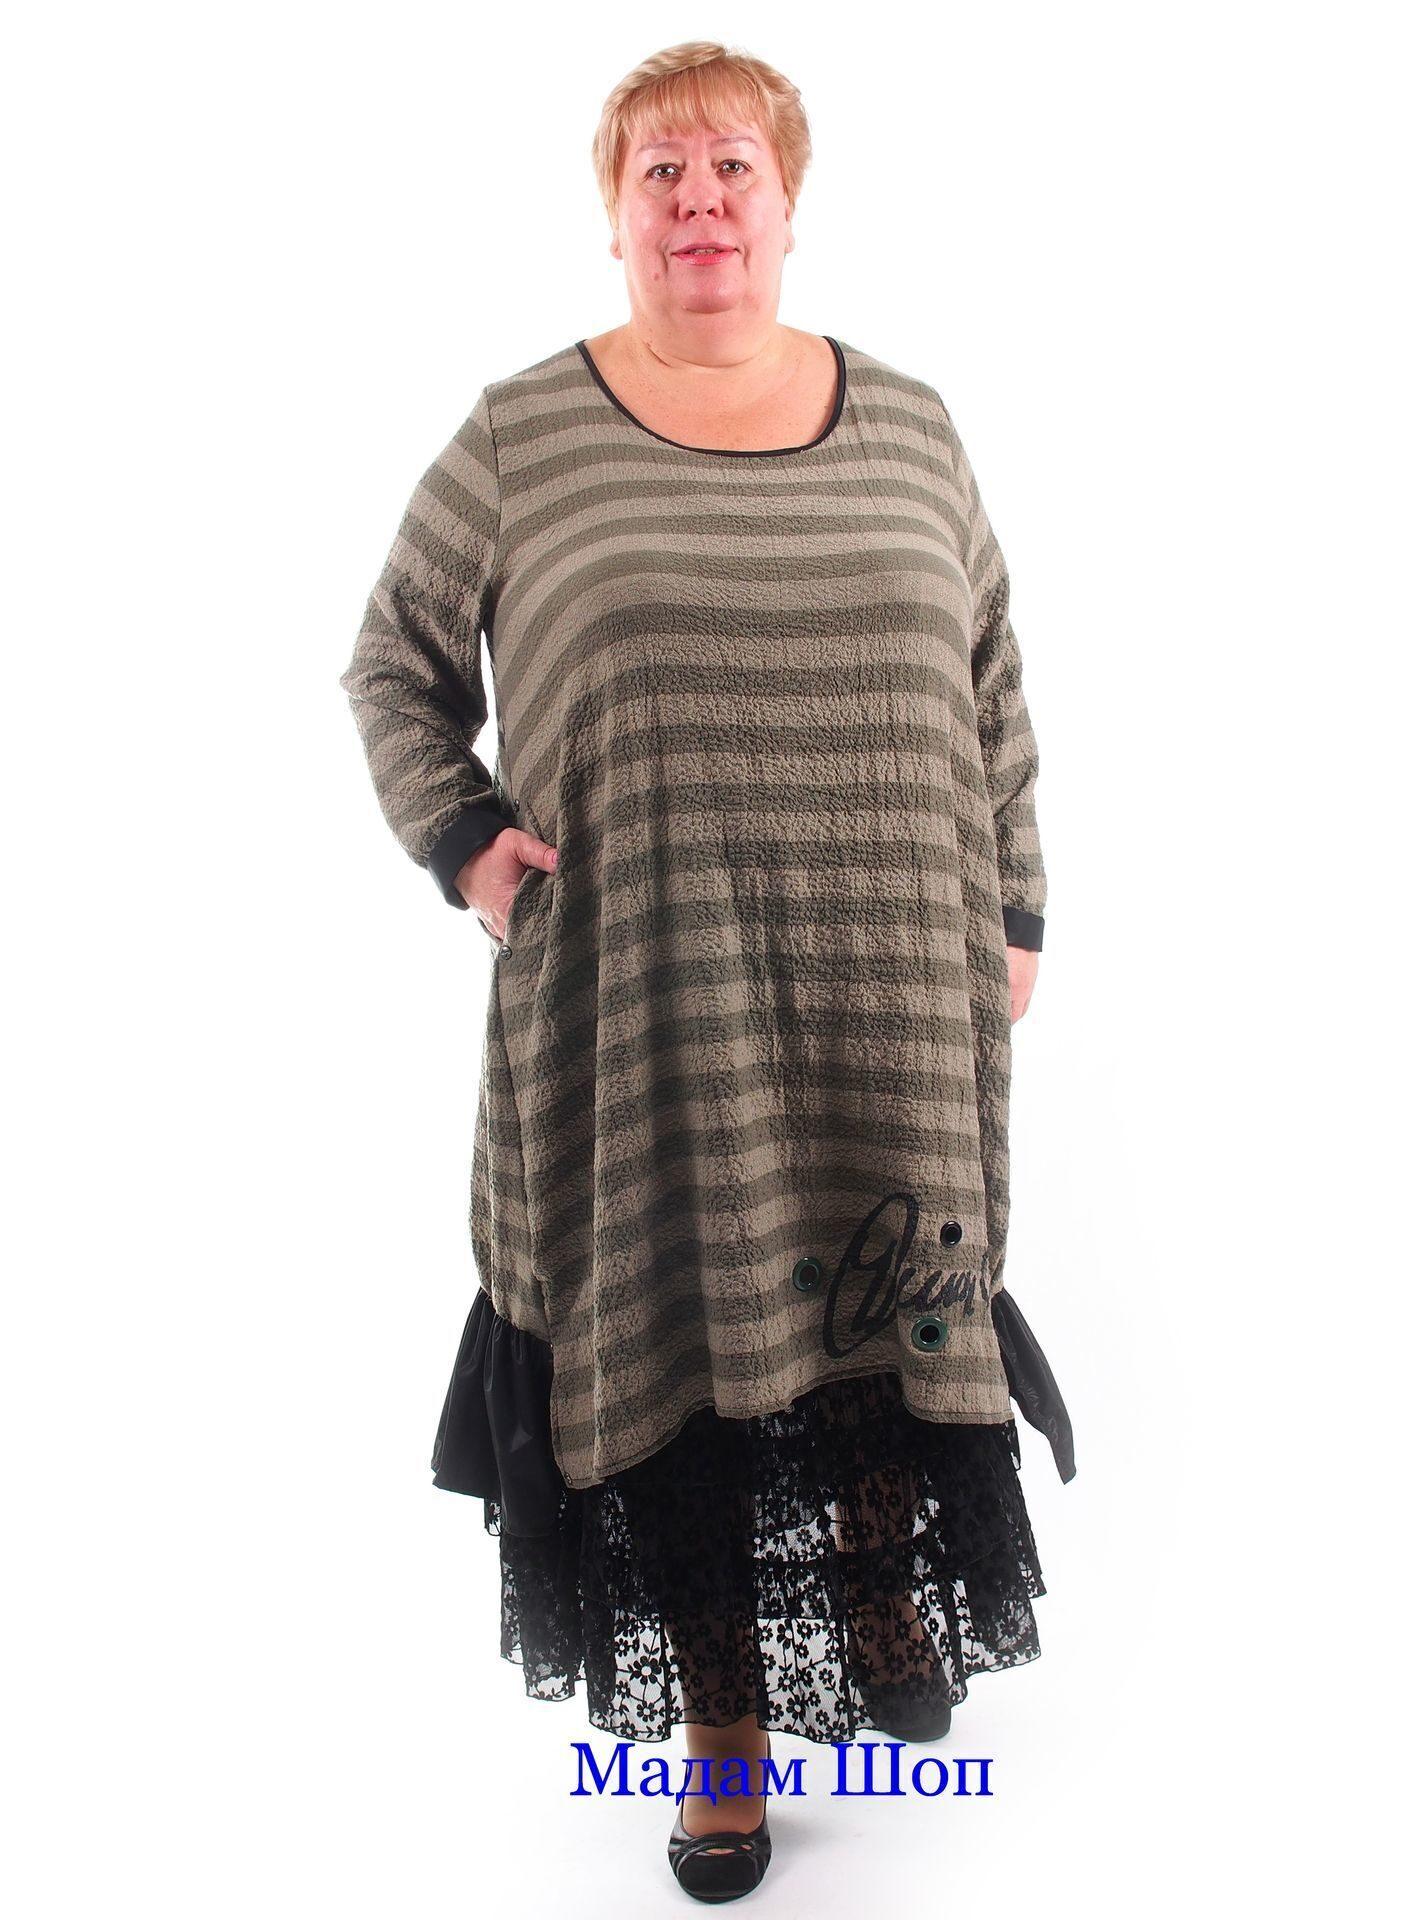 a9cad8c0adf Удобное платье в полоску из фактурной ткани с лёгким жатым эффектом.  Удачное сочетание оттенков хаки